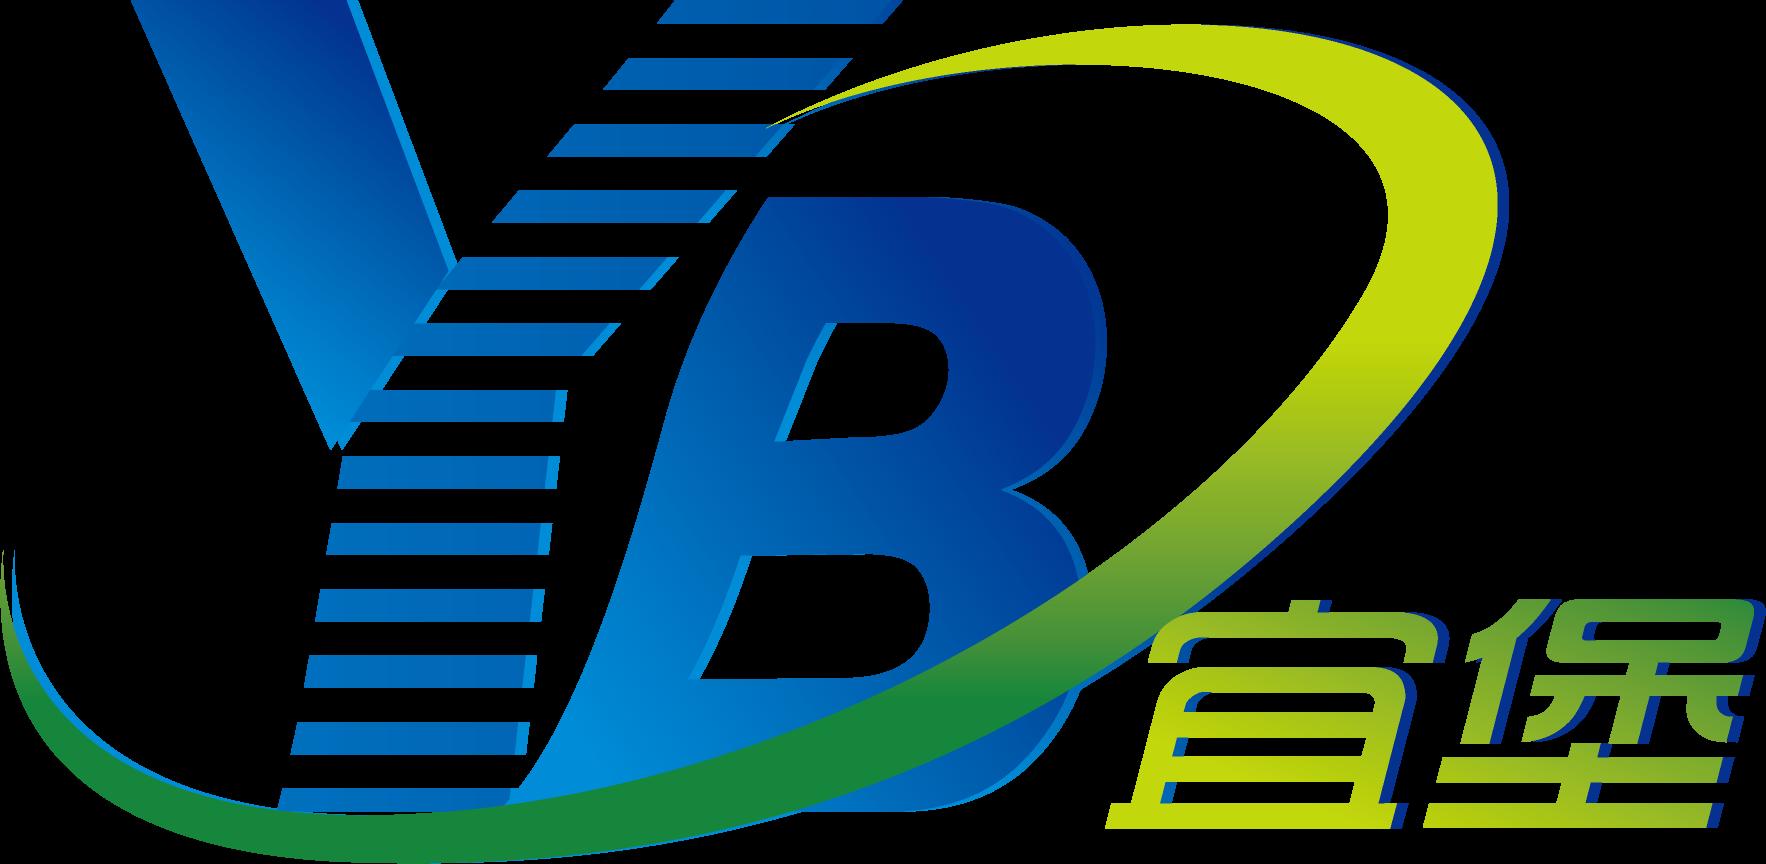 logo 标识 标志 设计 矢量 矢量图 素材 图标 1766_864